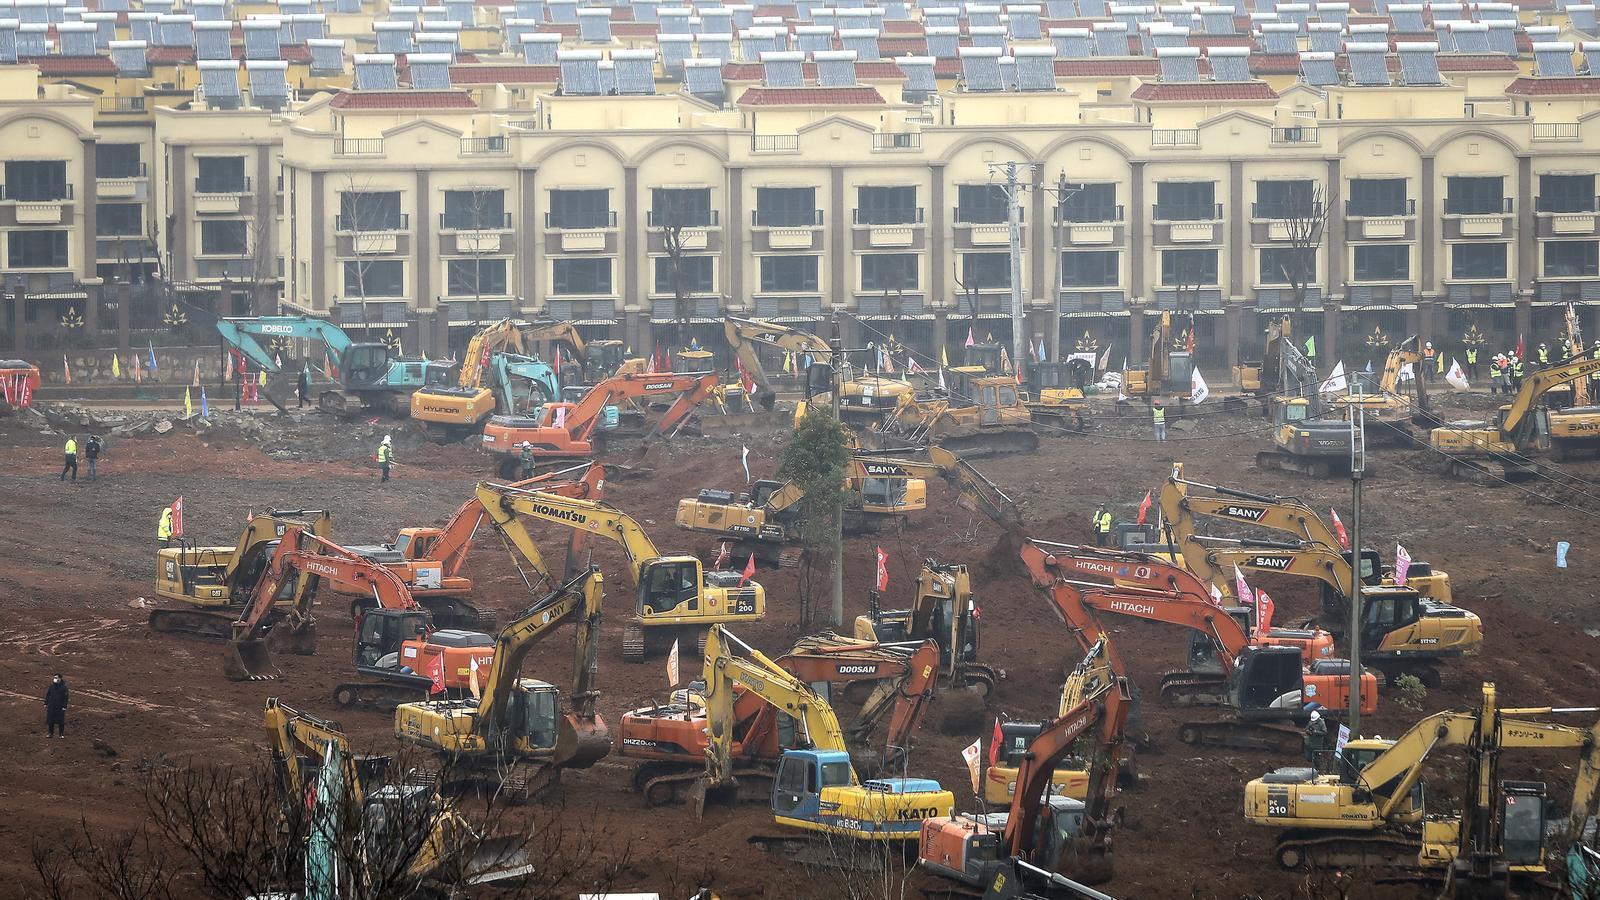 Treballadors conduint excavadores al lloc de construcció d'un hospital de camp a Wuhan. Els constructors tenen previst acabar l'hospital, de 1.000 llits, el 3 de febrer